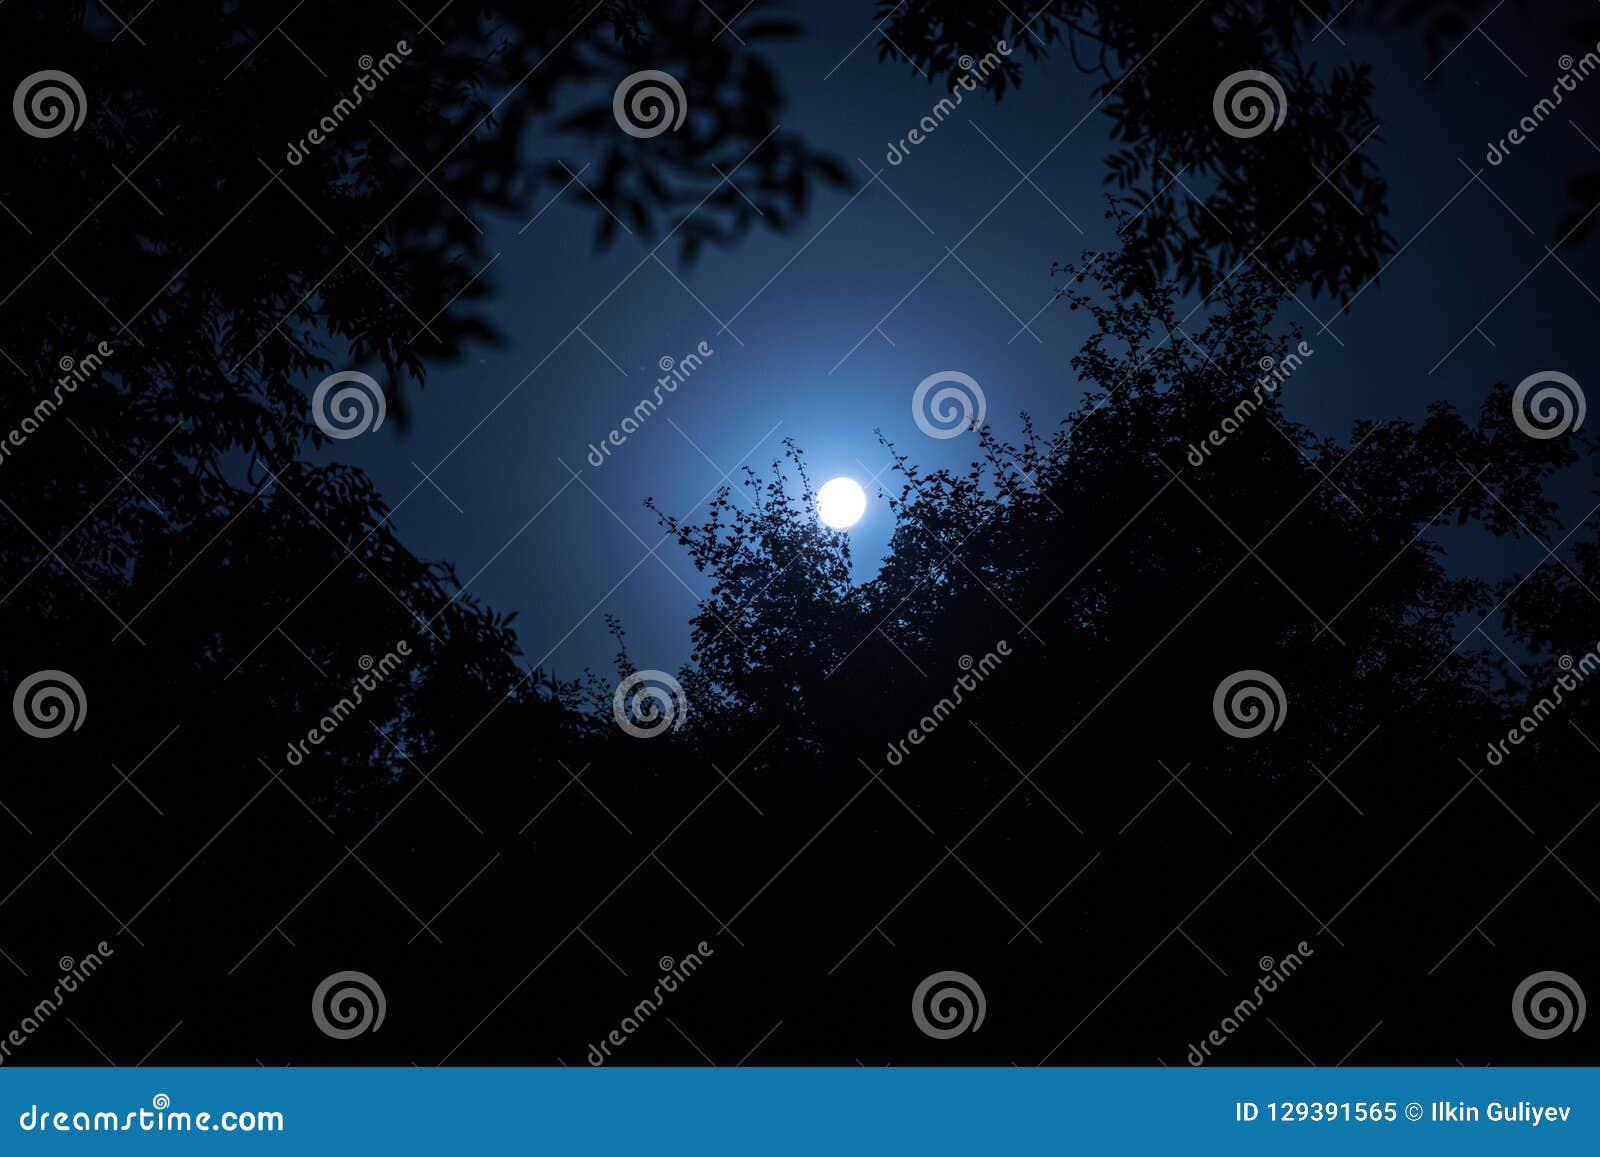 Noc krajobraz niebo i super księżyc z jaskrawym blaskiem księżyca za sylwetką gałąź Spokój natury tło _